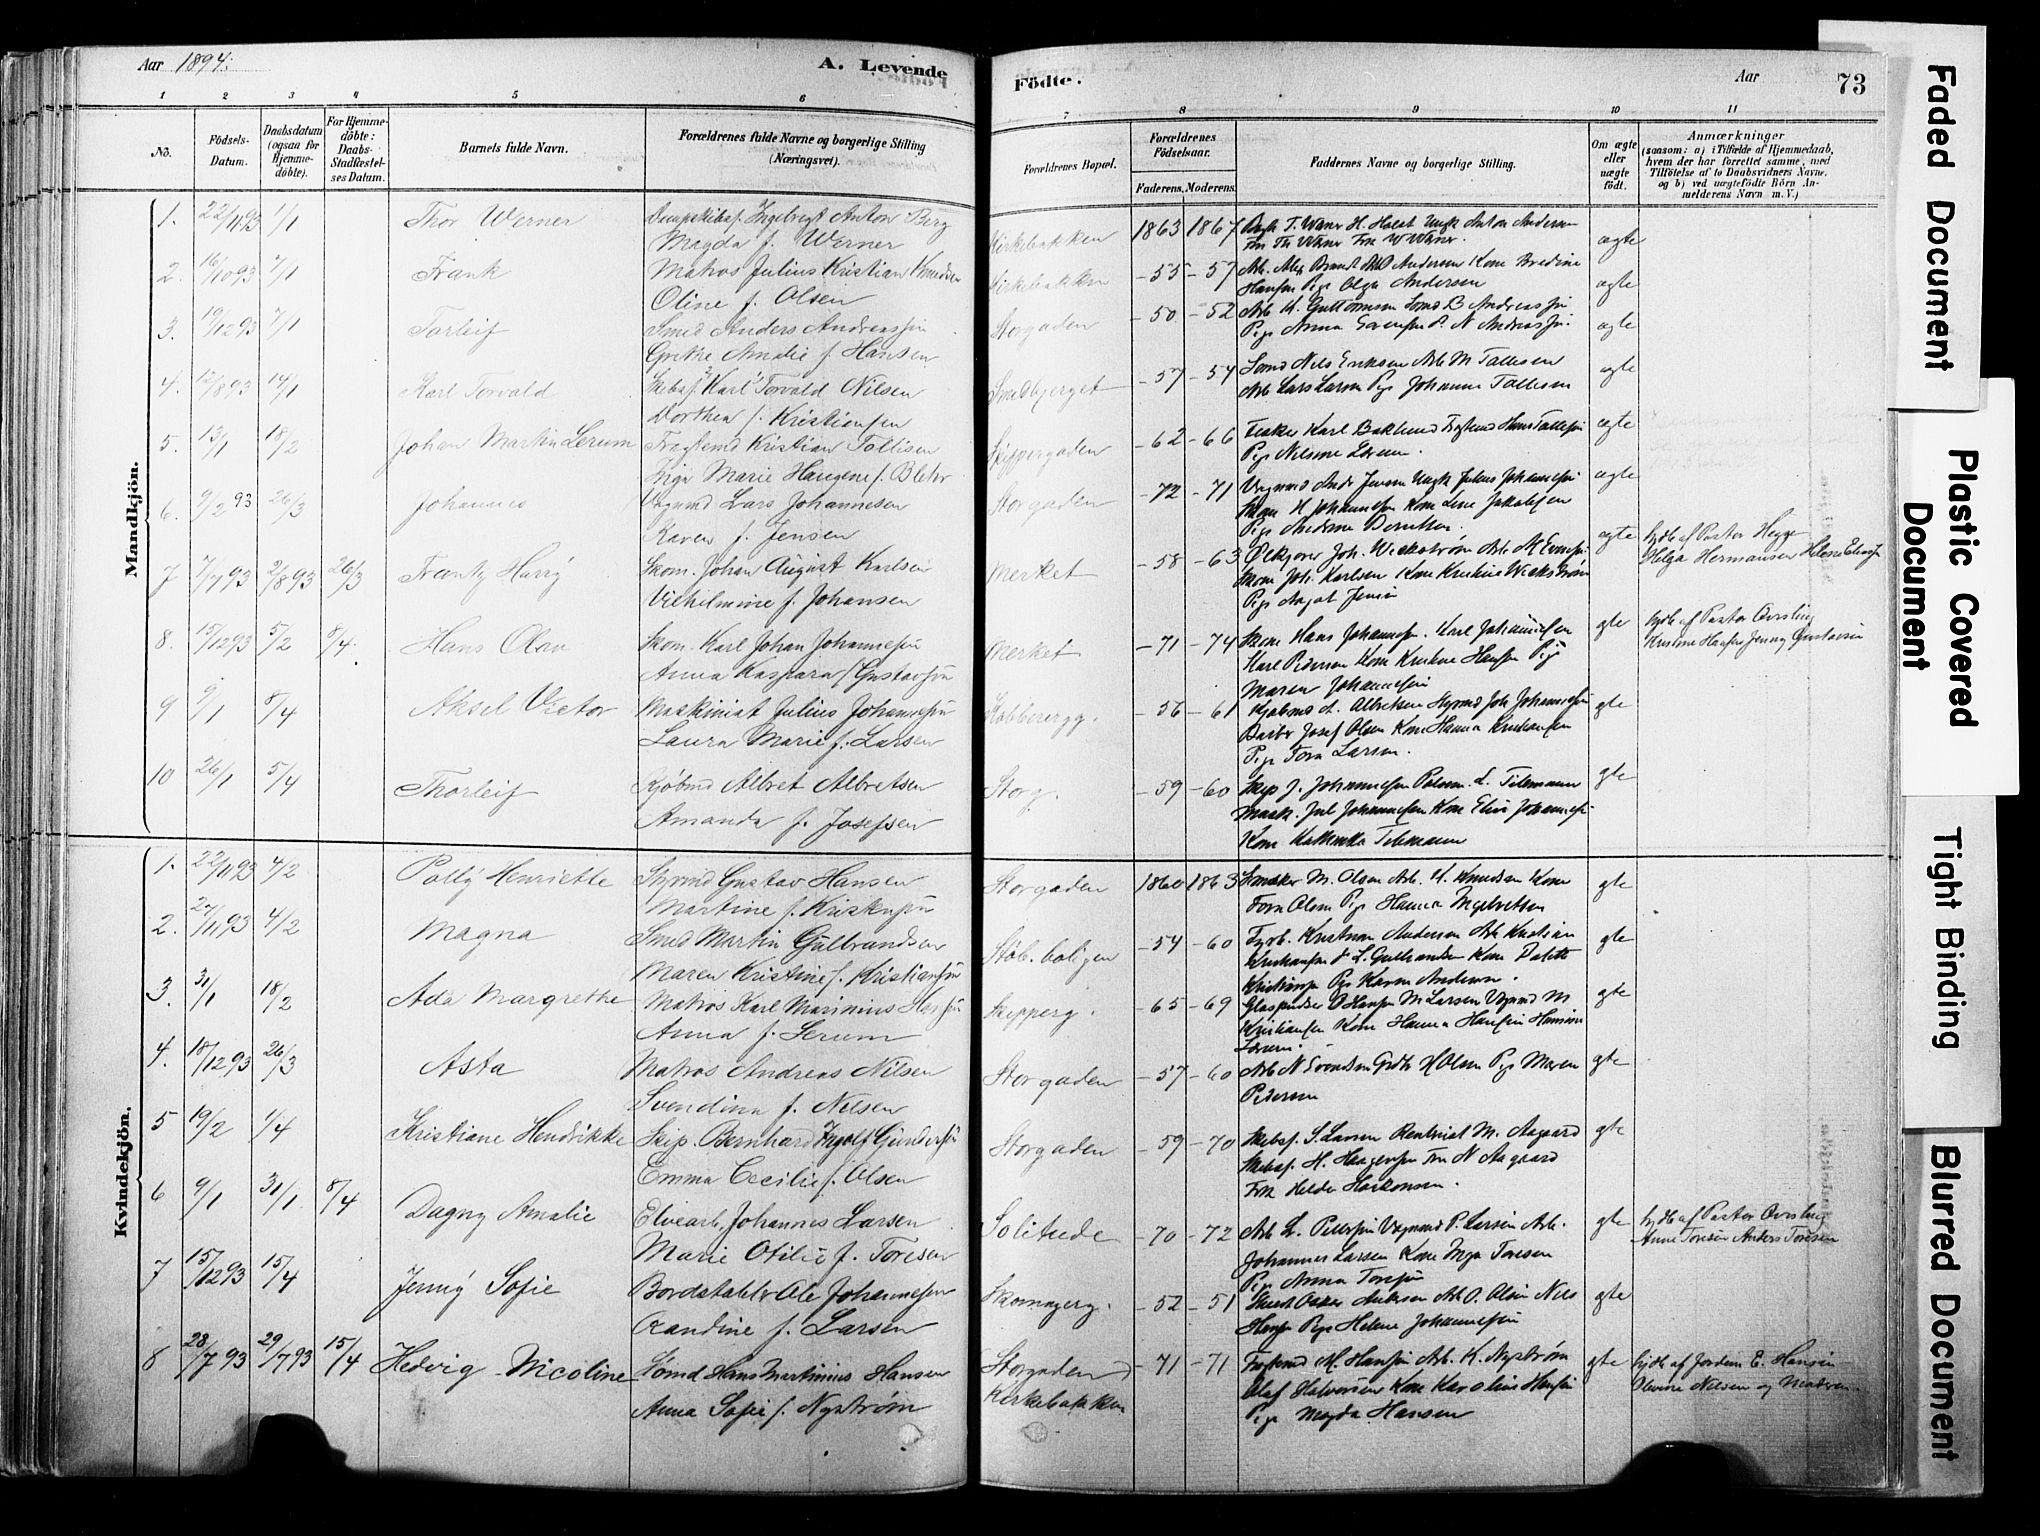 SAKO, Strømsø kirkebøker, F/Fb/L0006: Ministerialbok nr. II 6, 1879-1910, s. 73